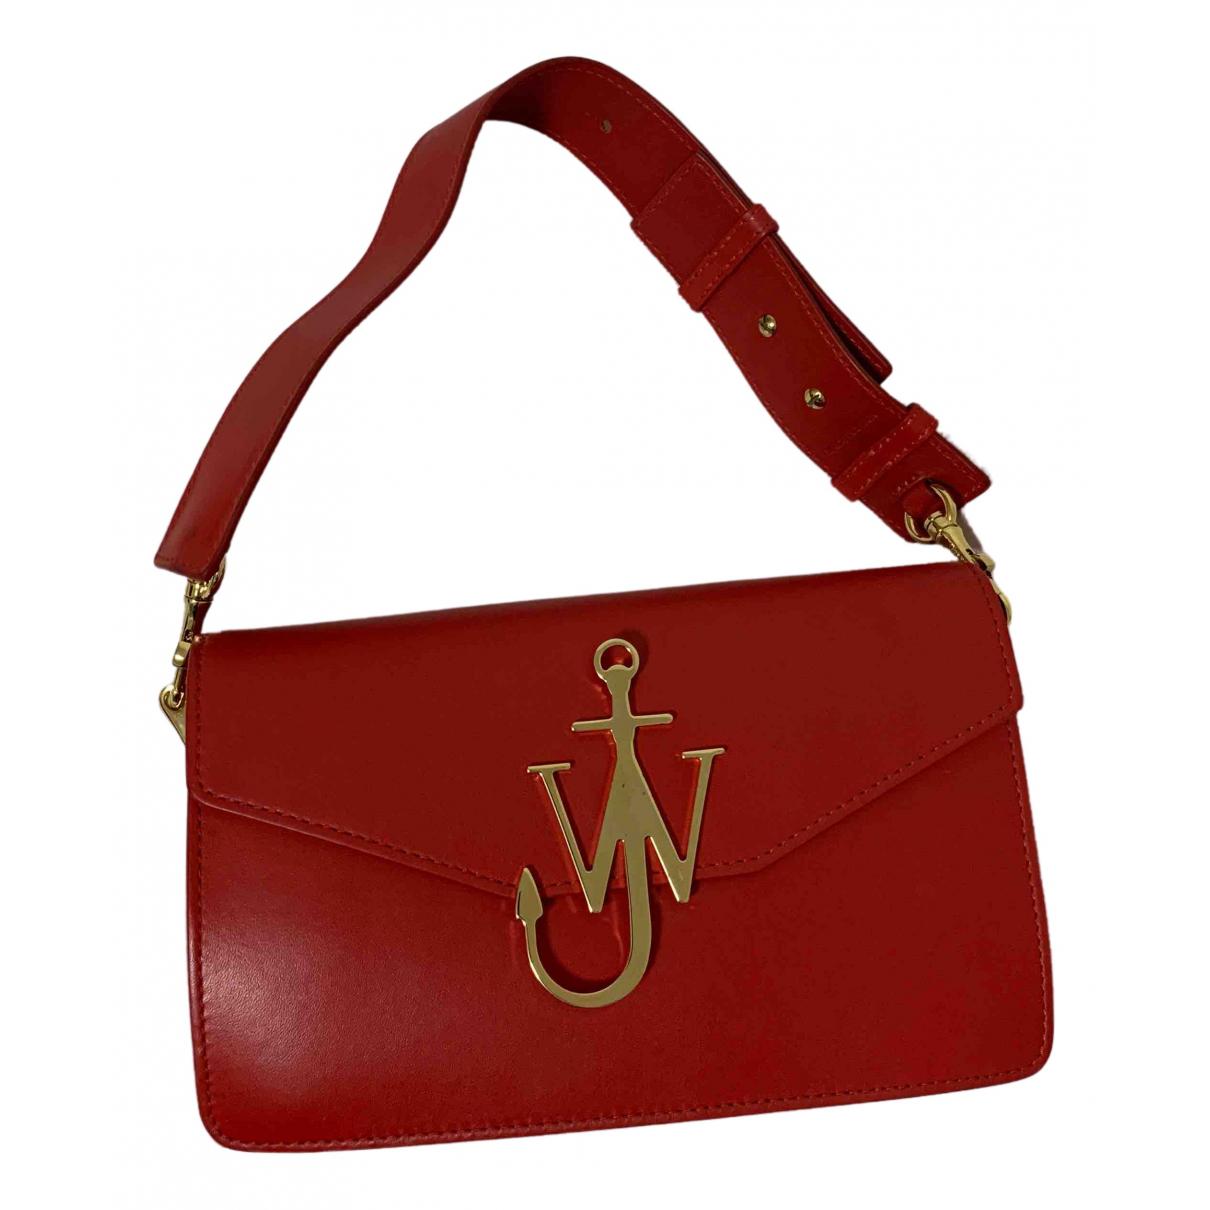 J.w. Anderson Logo Handtasche in  Rot Leder